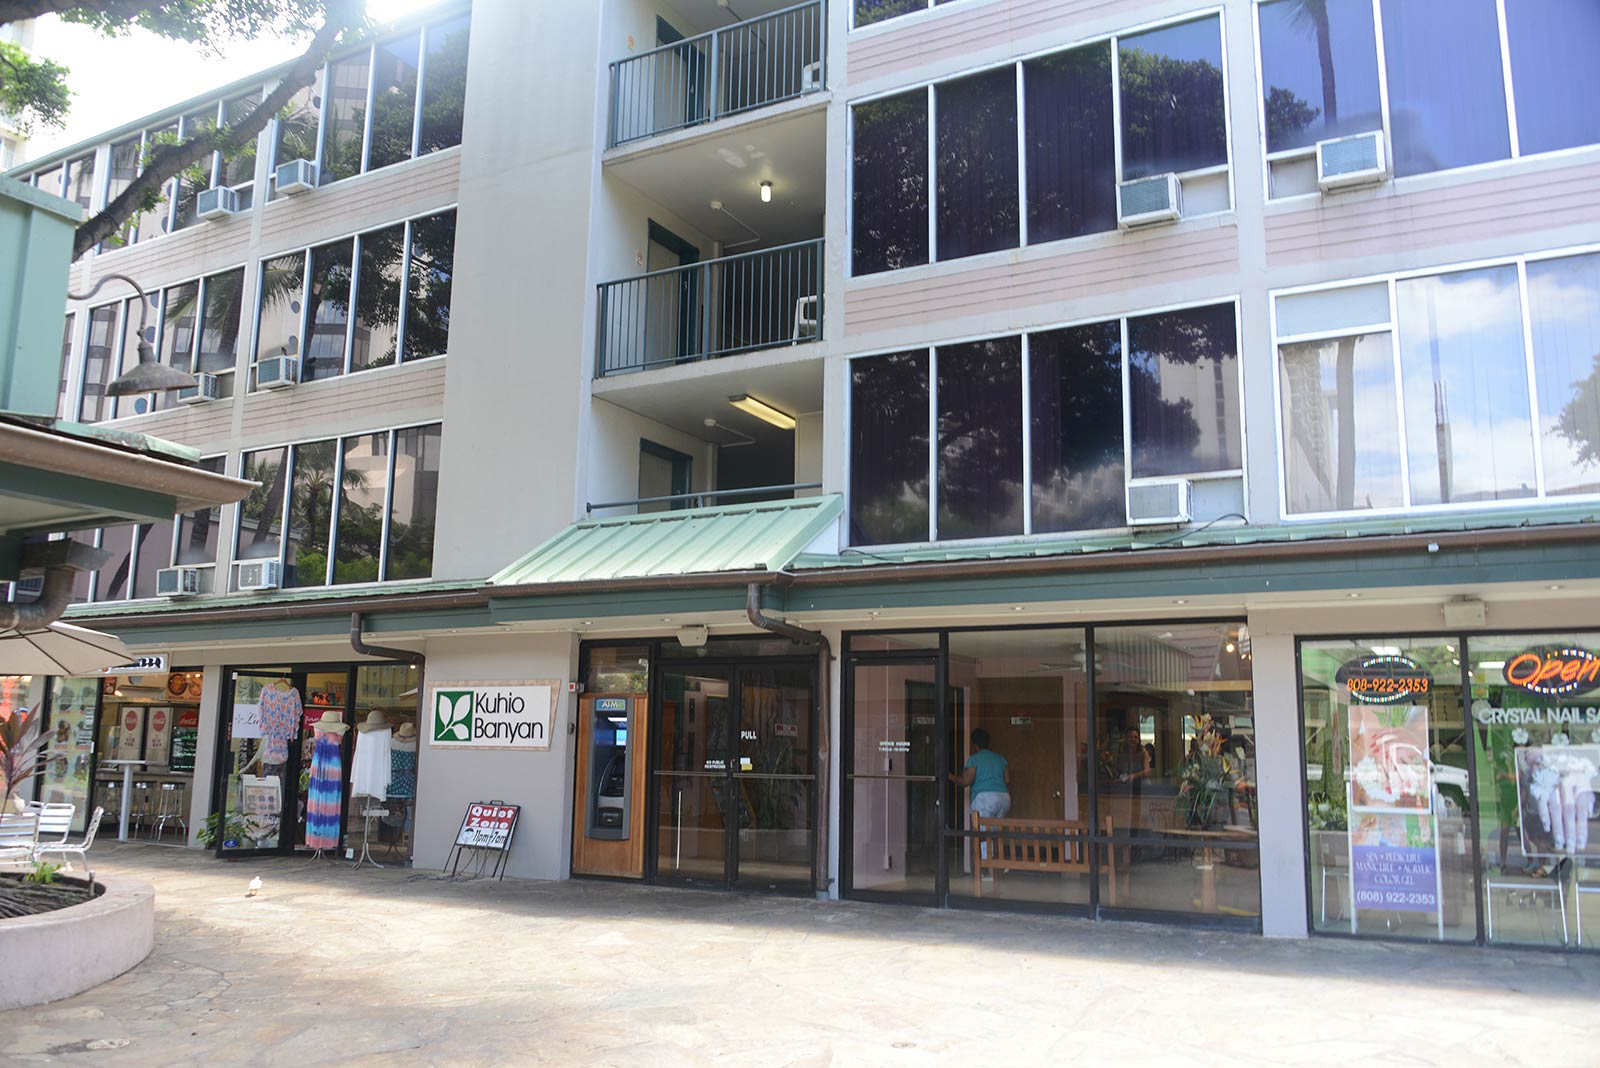 Kuhio Banyan Club Waikiki timeshare resales